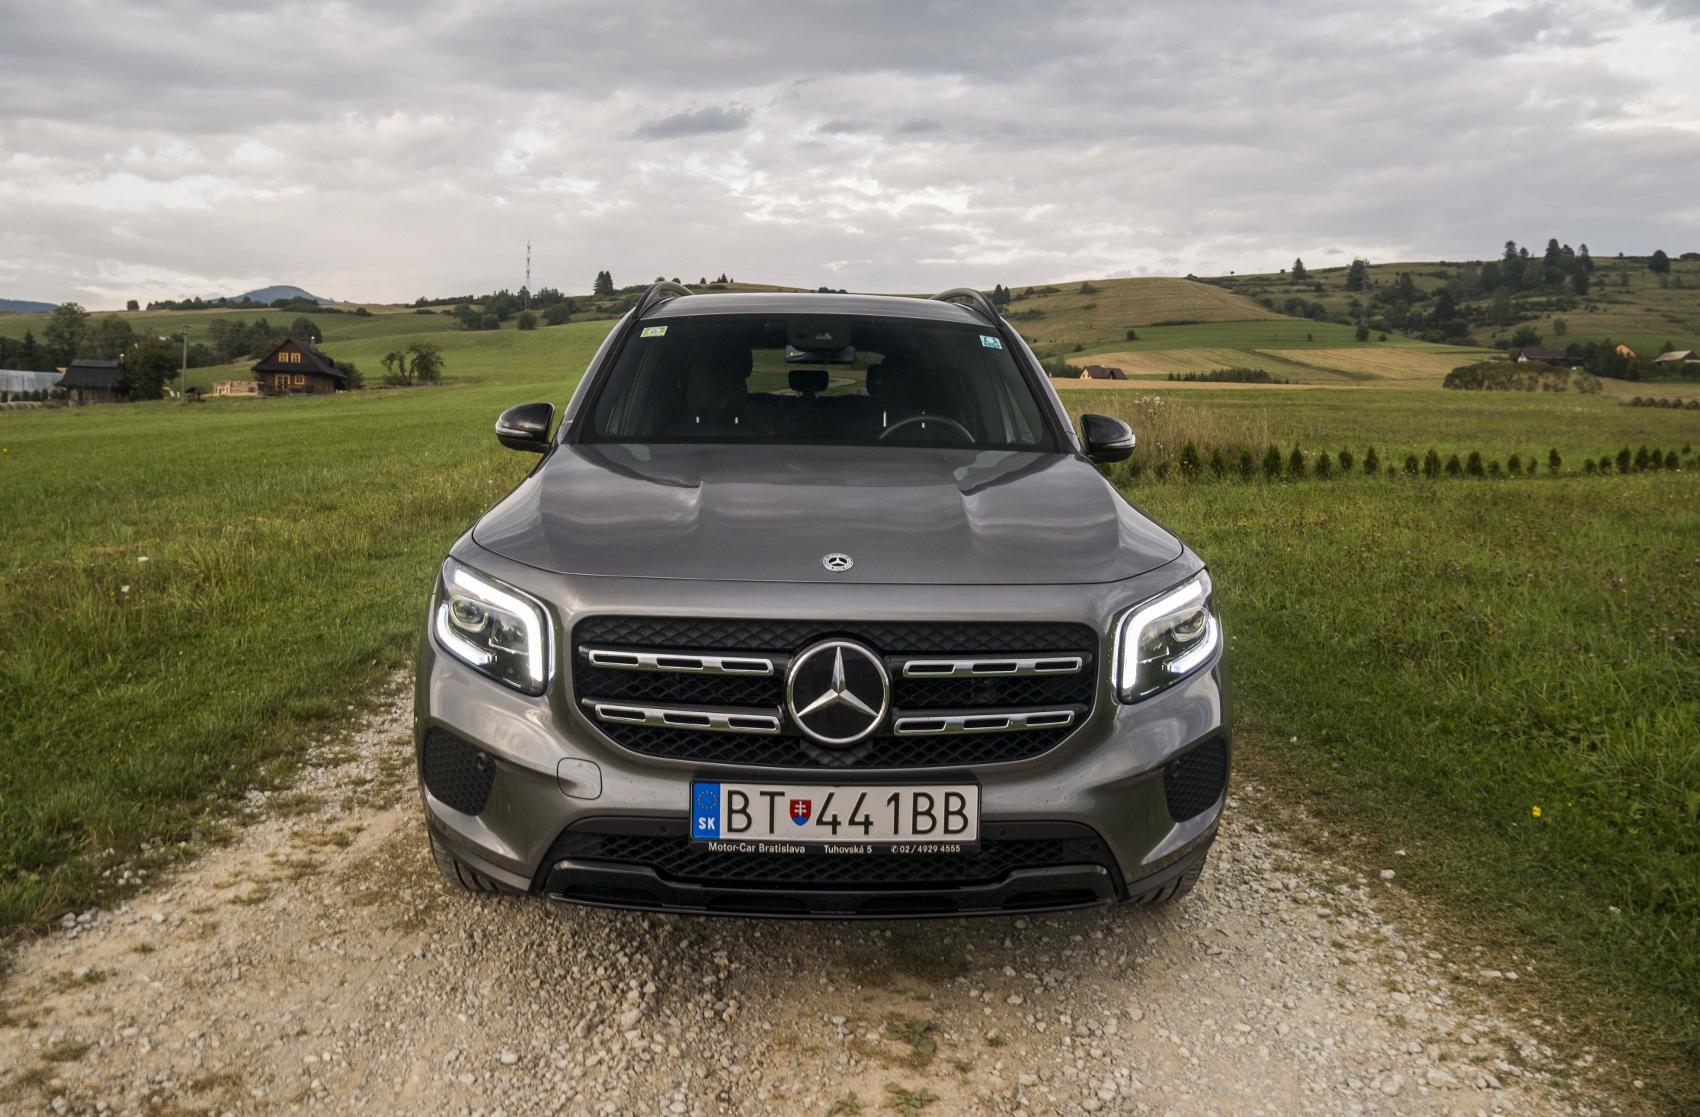 Test: Mercedes GLB 200 ponúka veľký priestor v malom balení I65VYVMMtm mercedes-glb-11-1700x1117